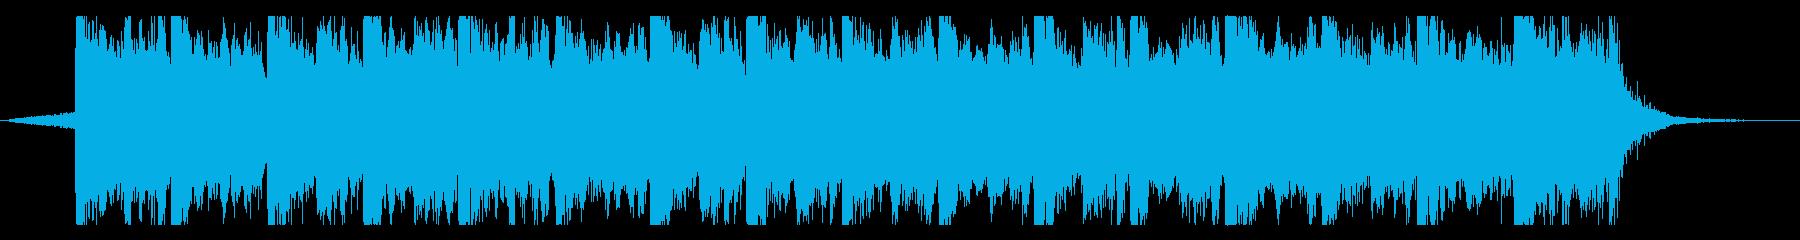 ハリウッド映画風の壮大オーケストラ14cの再生済みの波形